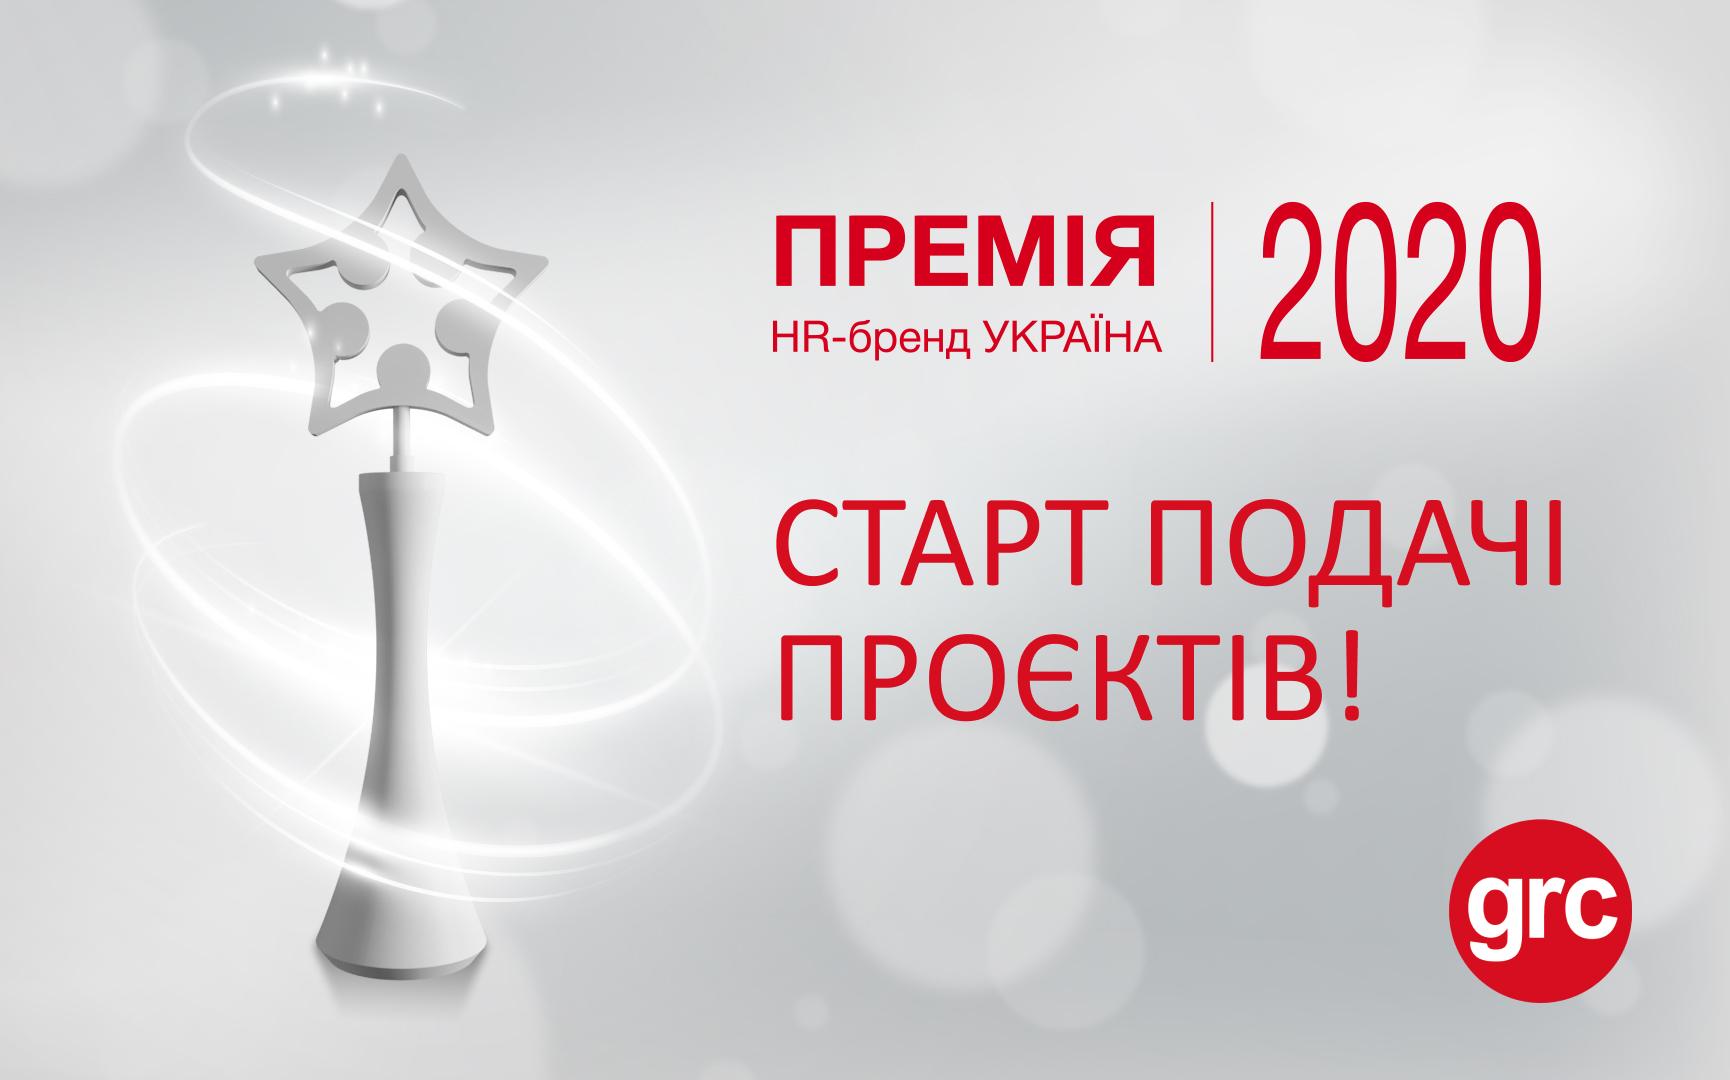 Премія HR-бренд 2020: оголошено старт подачі проєктів